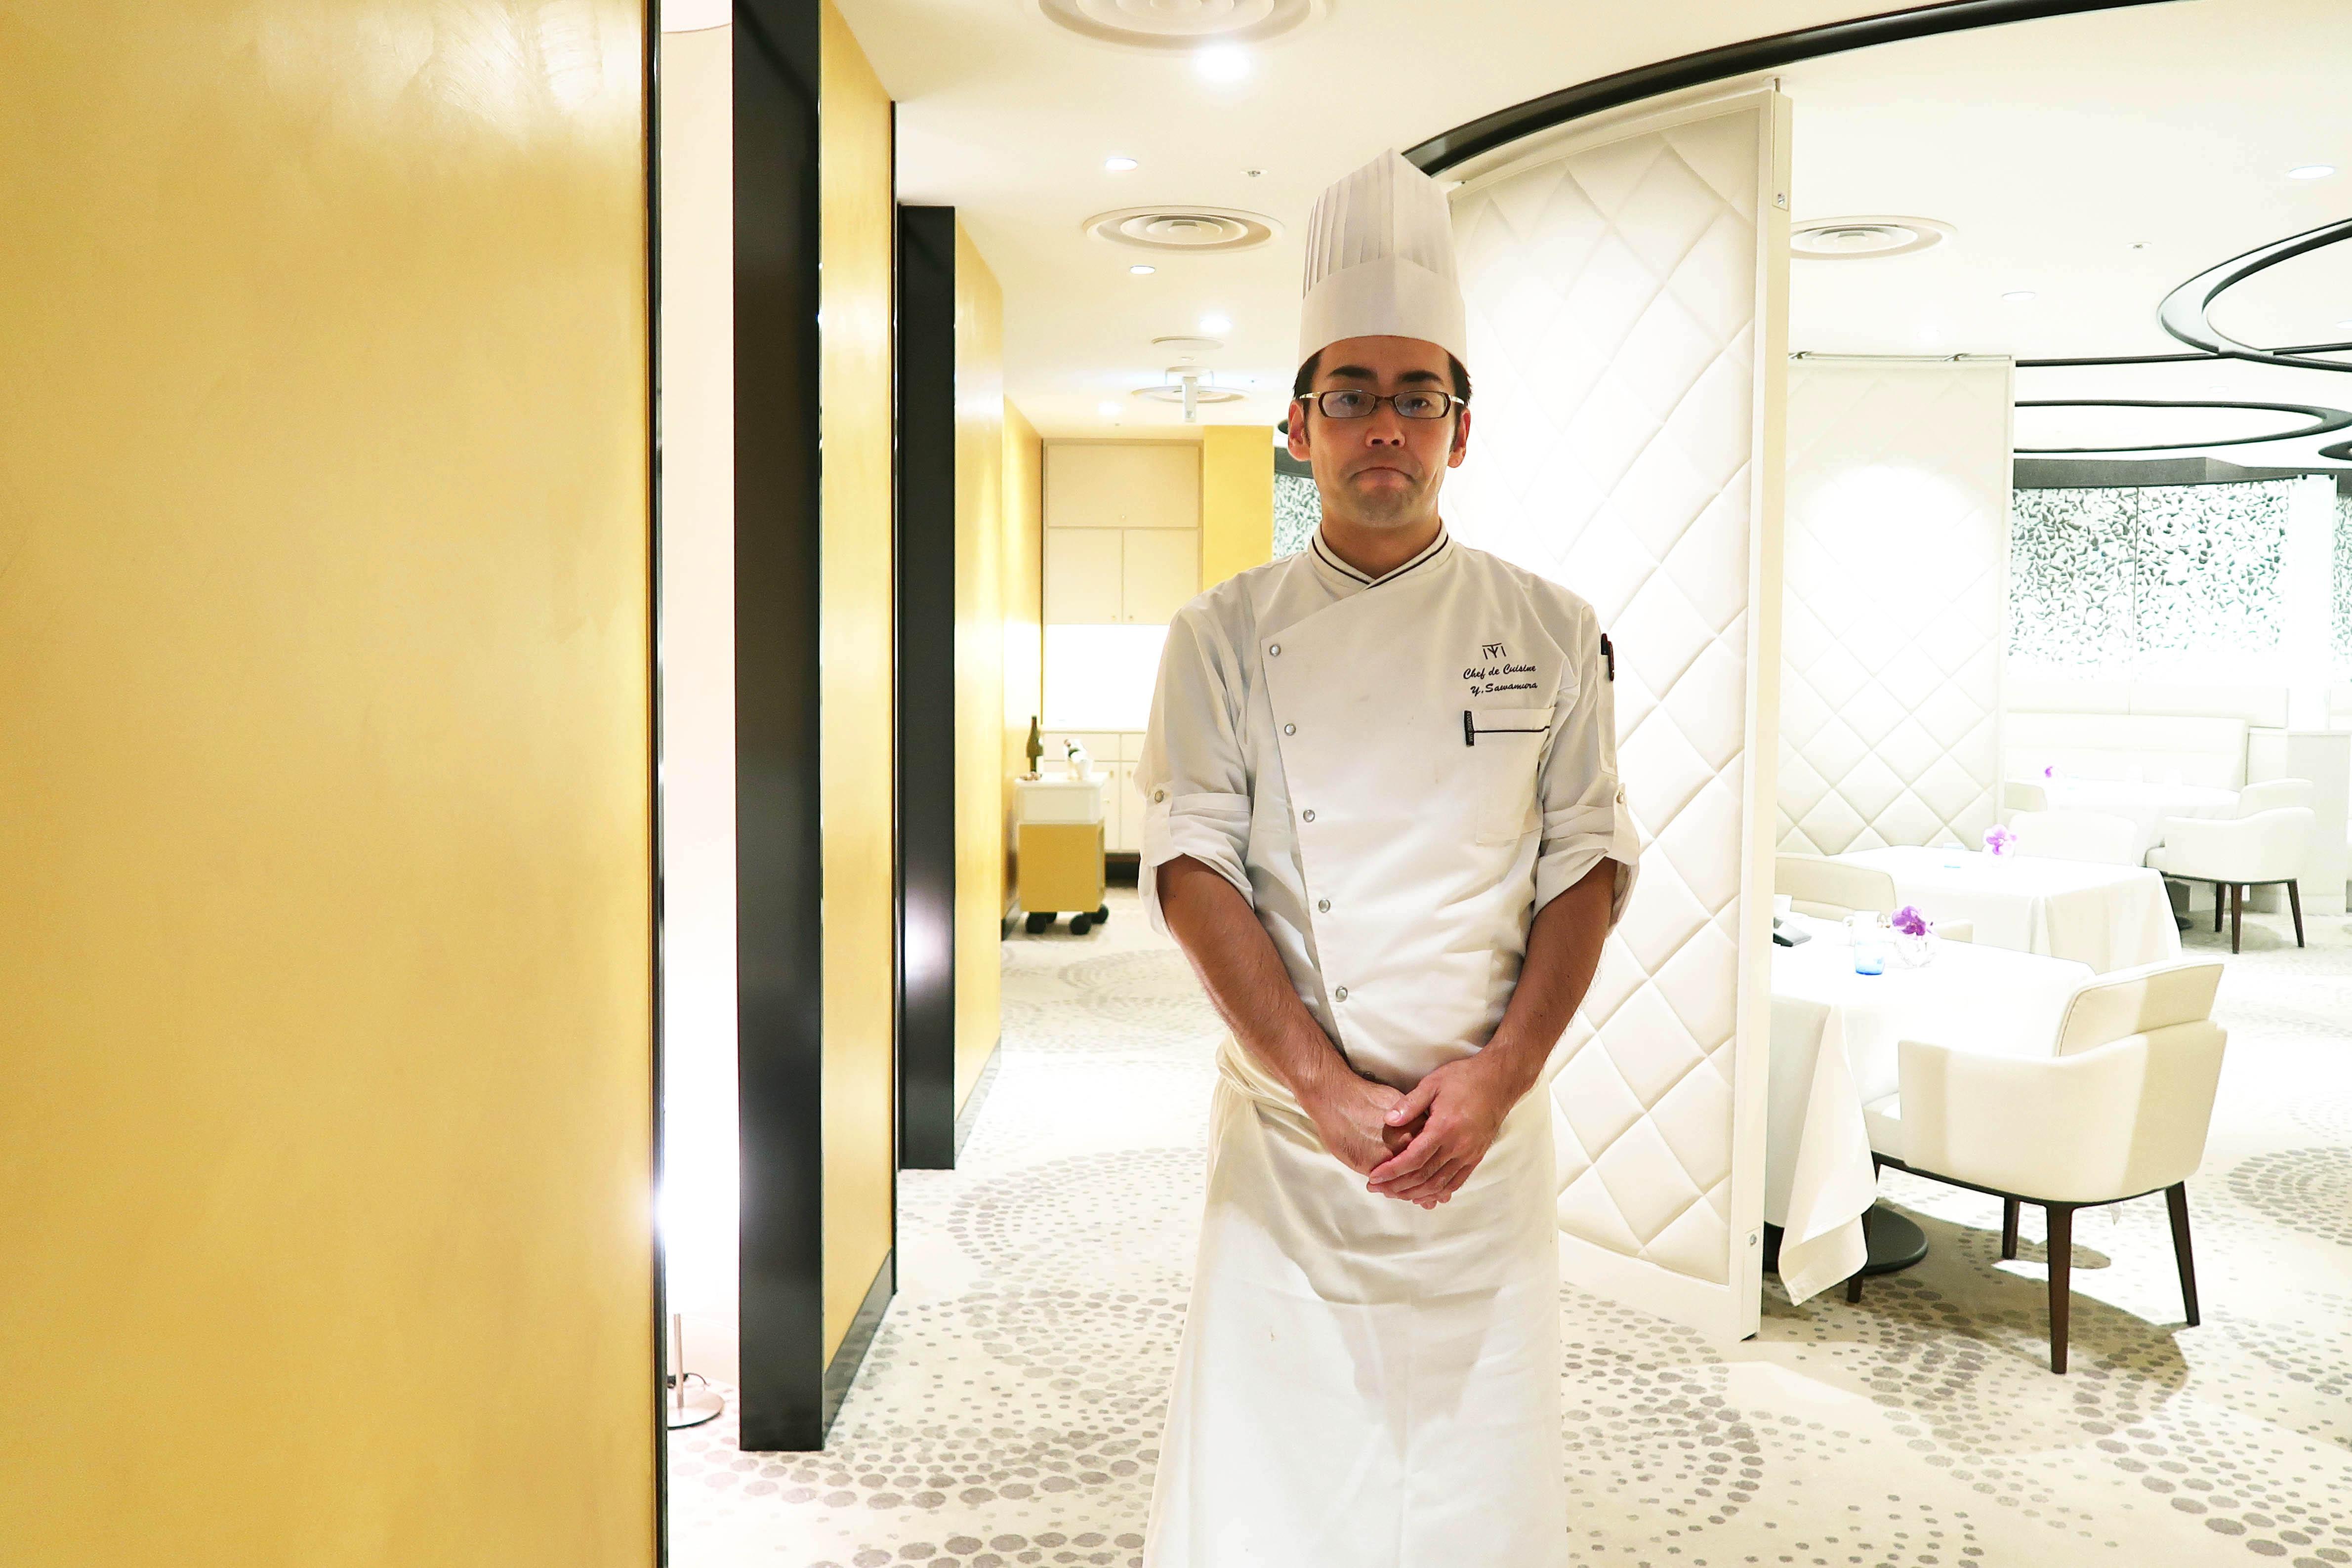 澤村裕二シェフが料理を担当。「食材に関する感謝など、吉野シェフの精神を伝えていきたい」